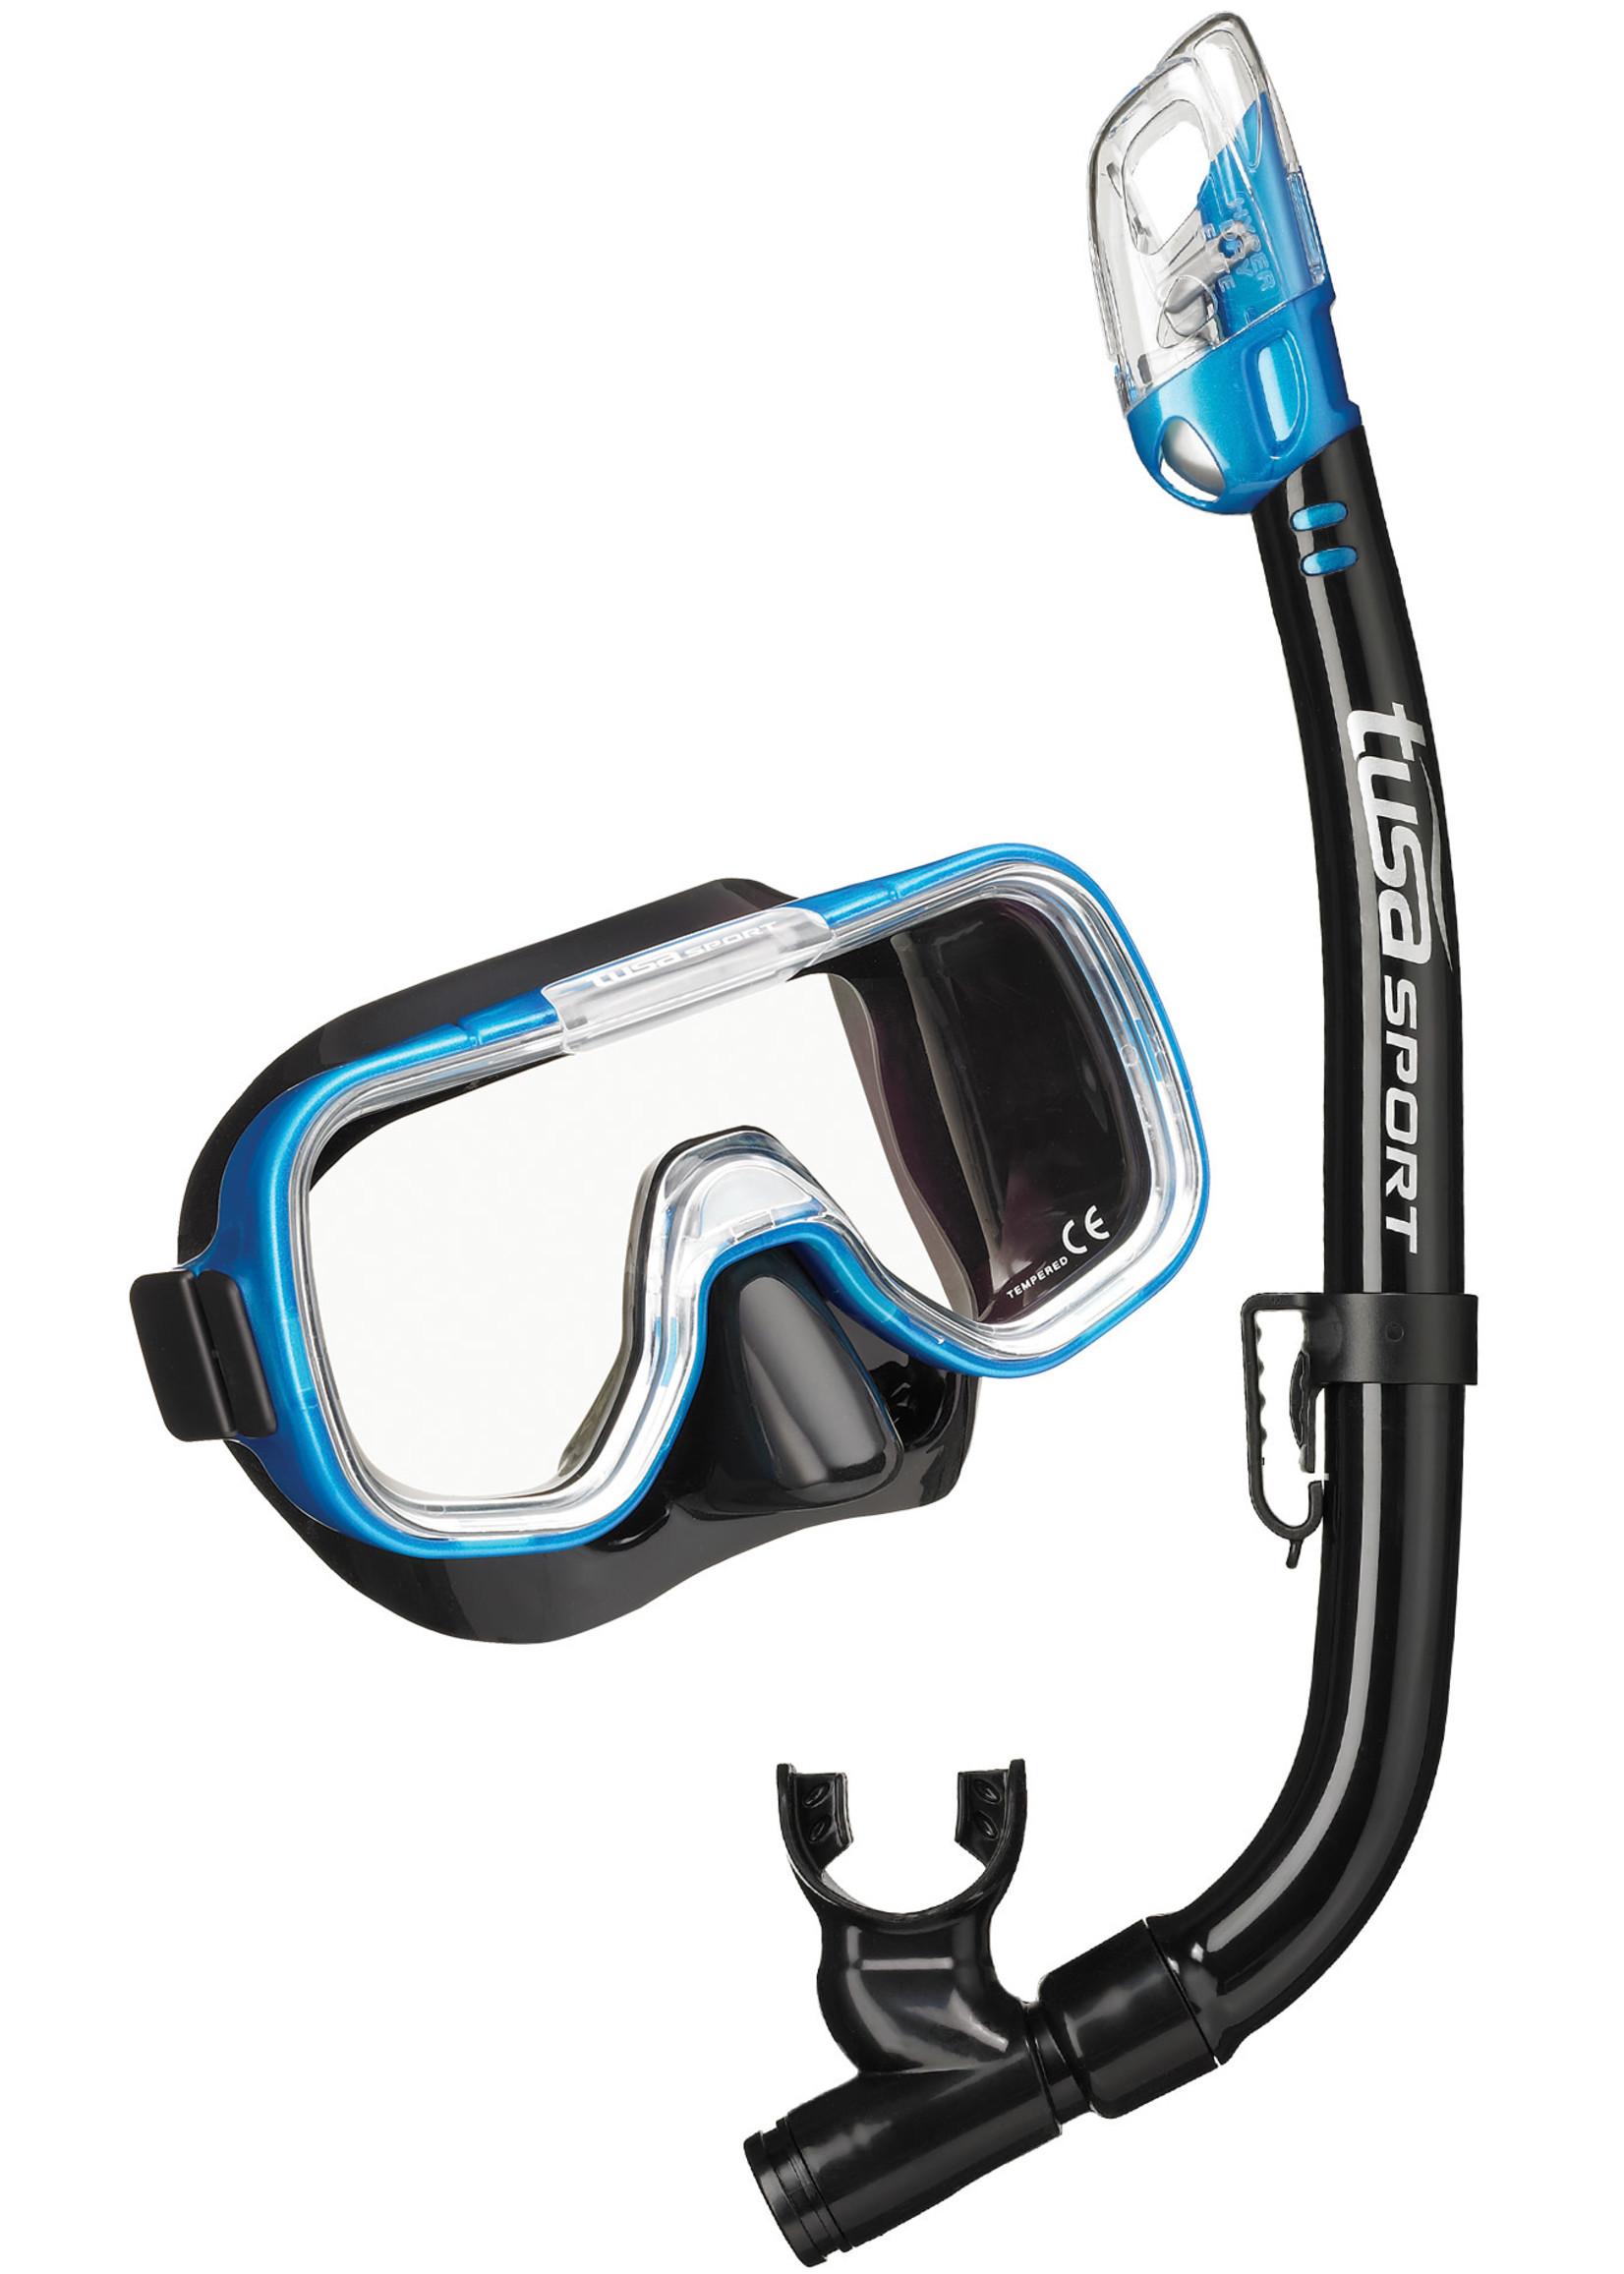 TUSA TUSA Mini-Kleio Youth Dry Combo - Black/Fishtail Blue